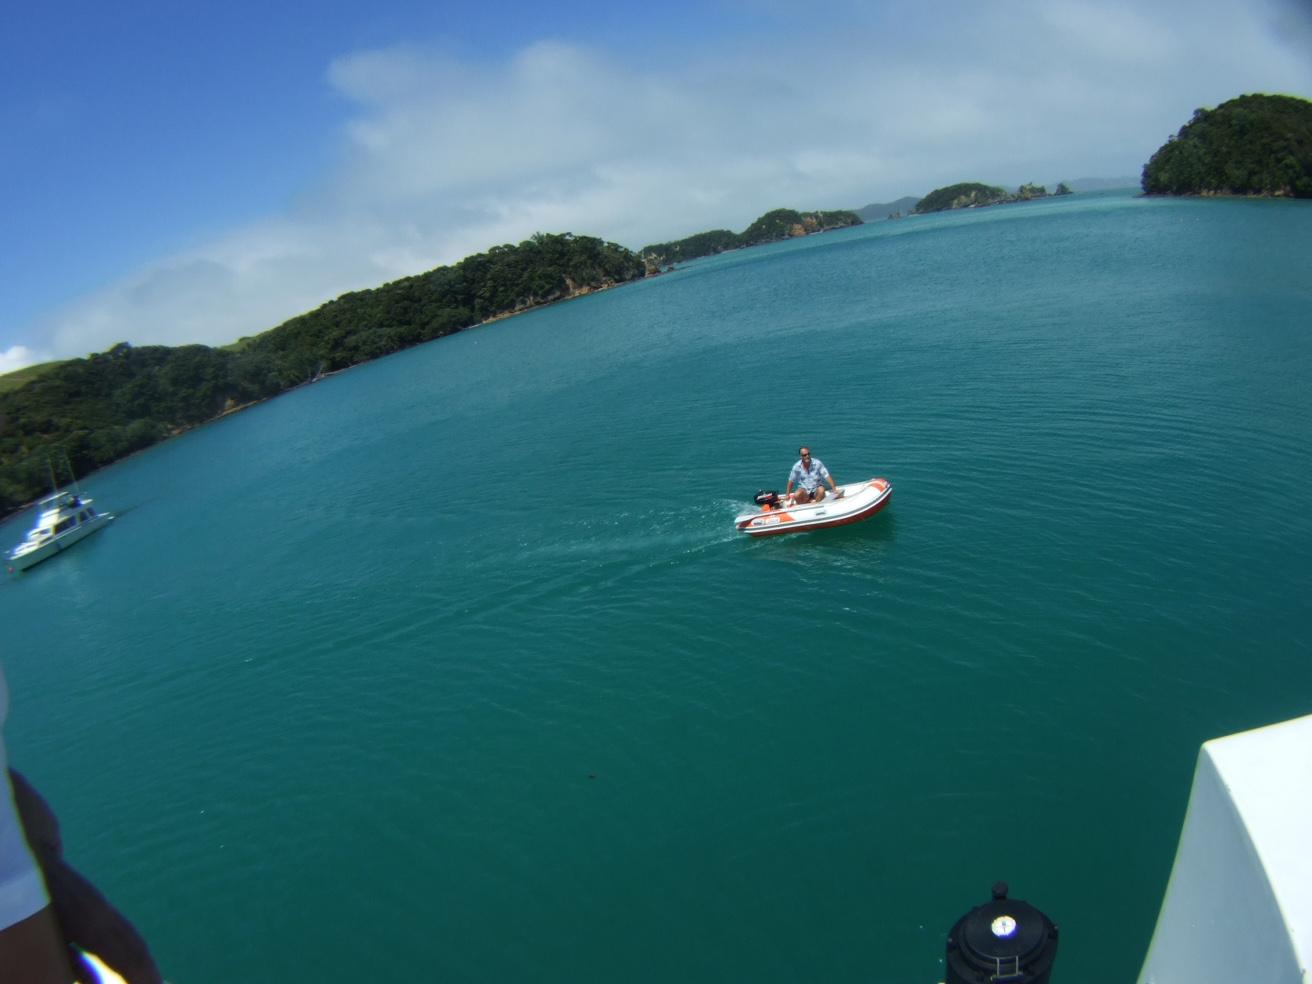 ボート,海,魚眼,パイヒア,NZ〈著作権フリー無料画像〉Free Stock Photos